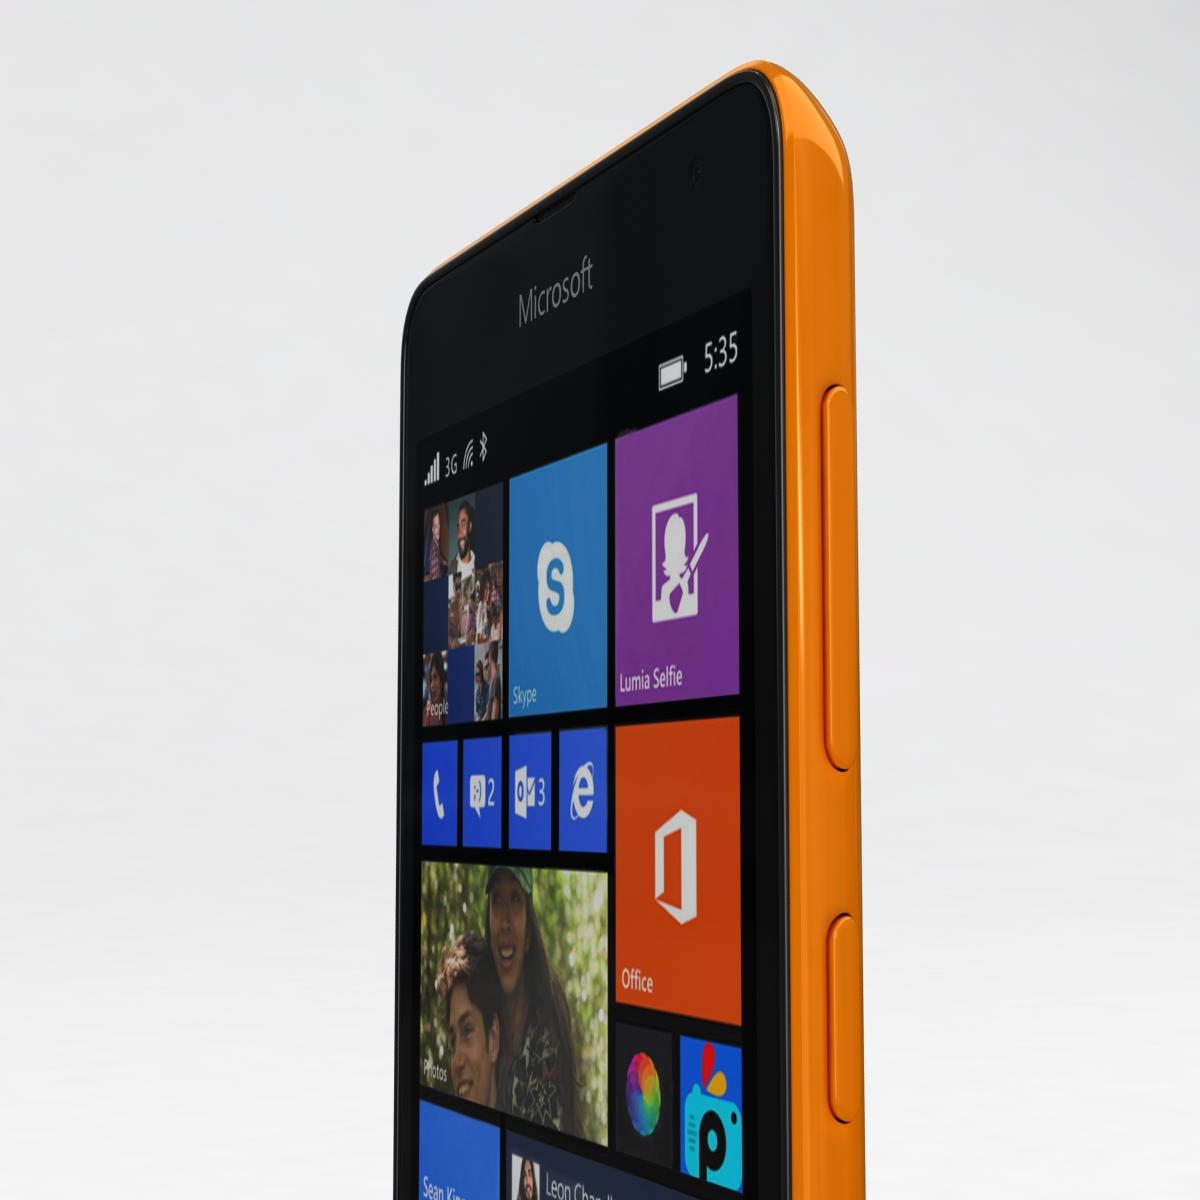 microsoft lumia 535 and dual sim all colors 3d model 3ds max fbx c4d obj 204666